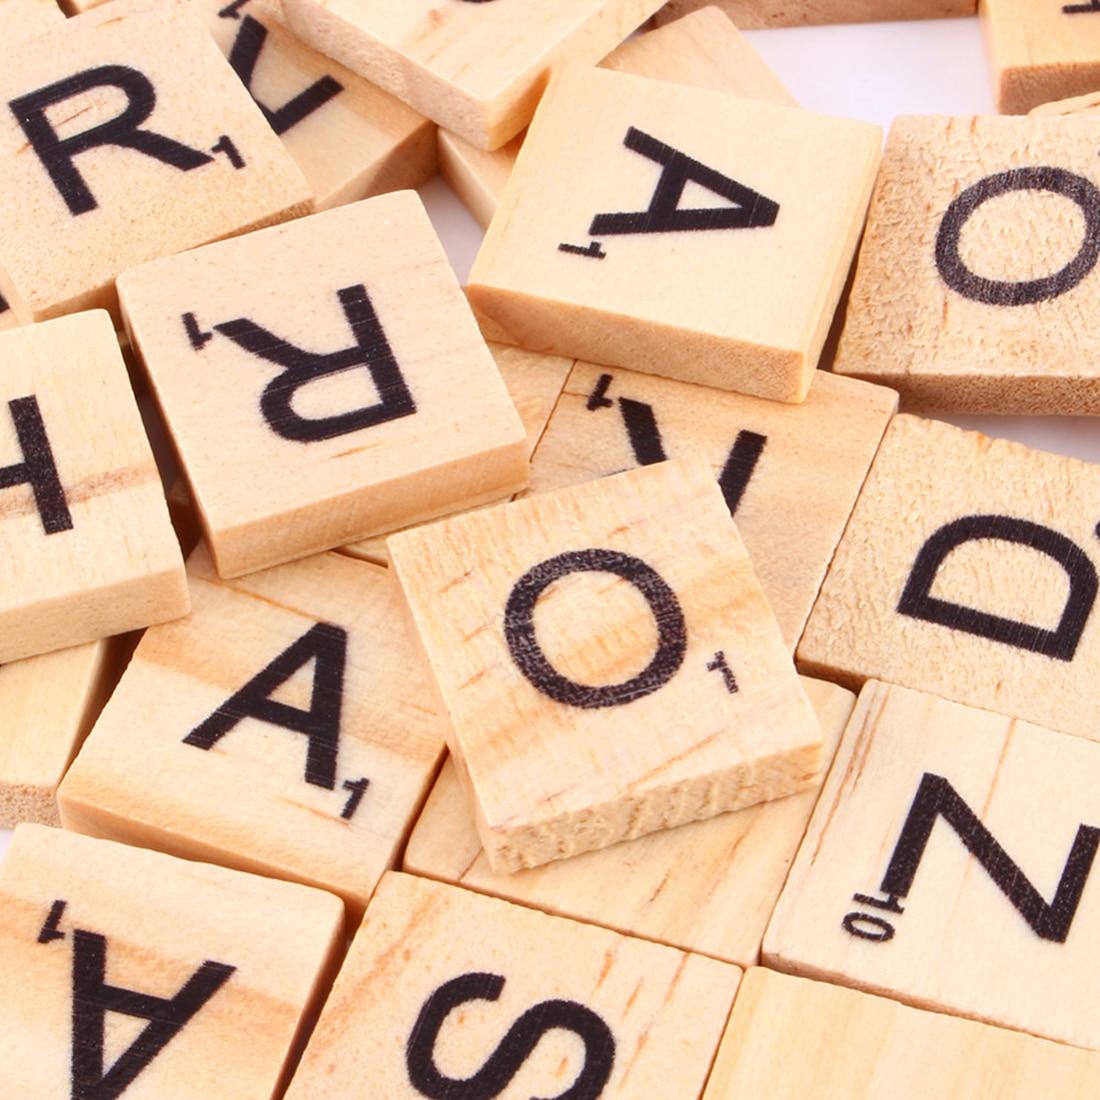 Hot Sale 100pcs Wooden Alphabet Scrabble Tiles Black